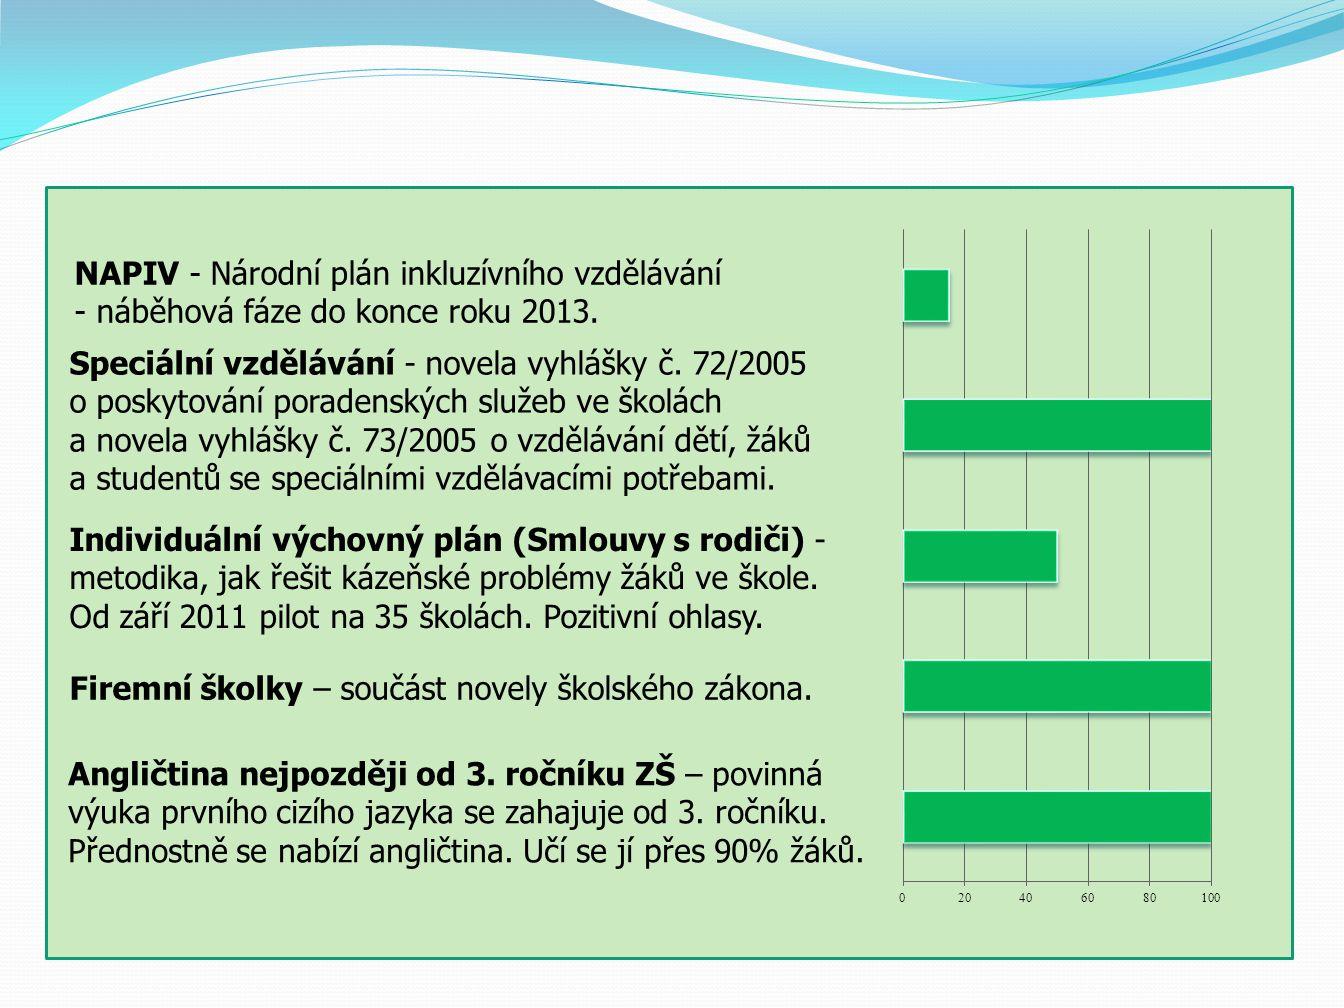 NAPIV - Národní plán inkluzívního vzdělávání - náběhová fáze do konce roku 2013.